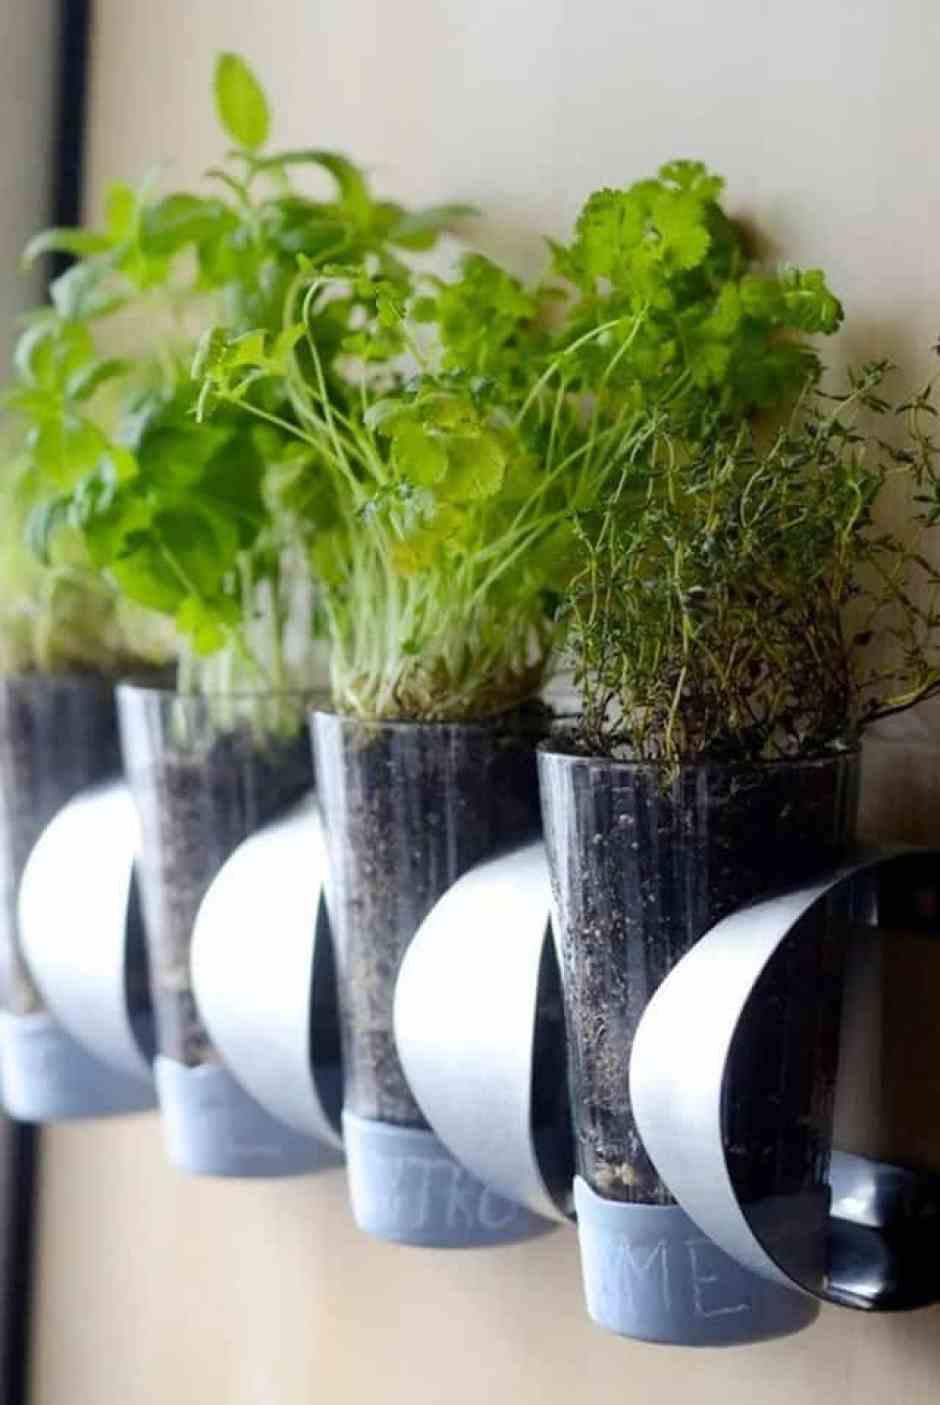 erbe aromatiche all'interno di vasi a sospensione